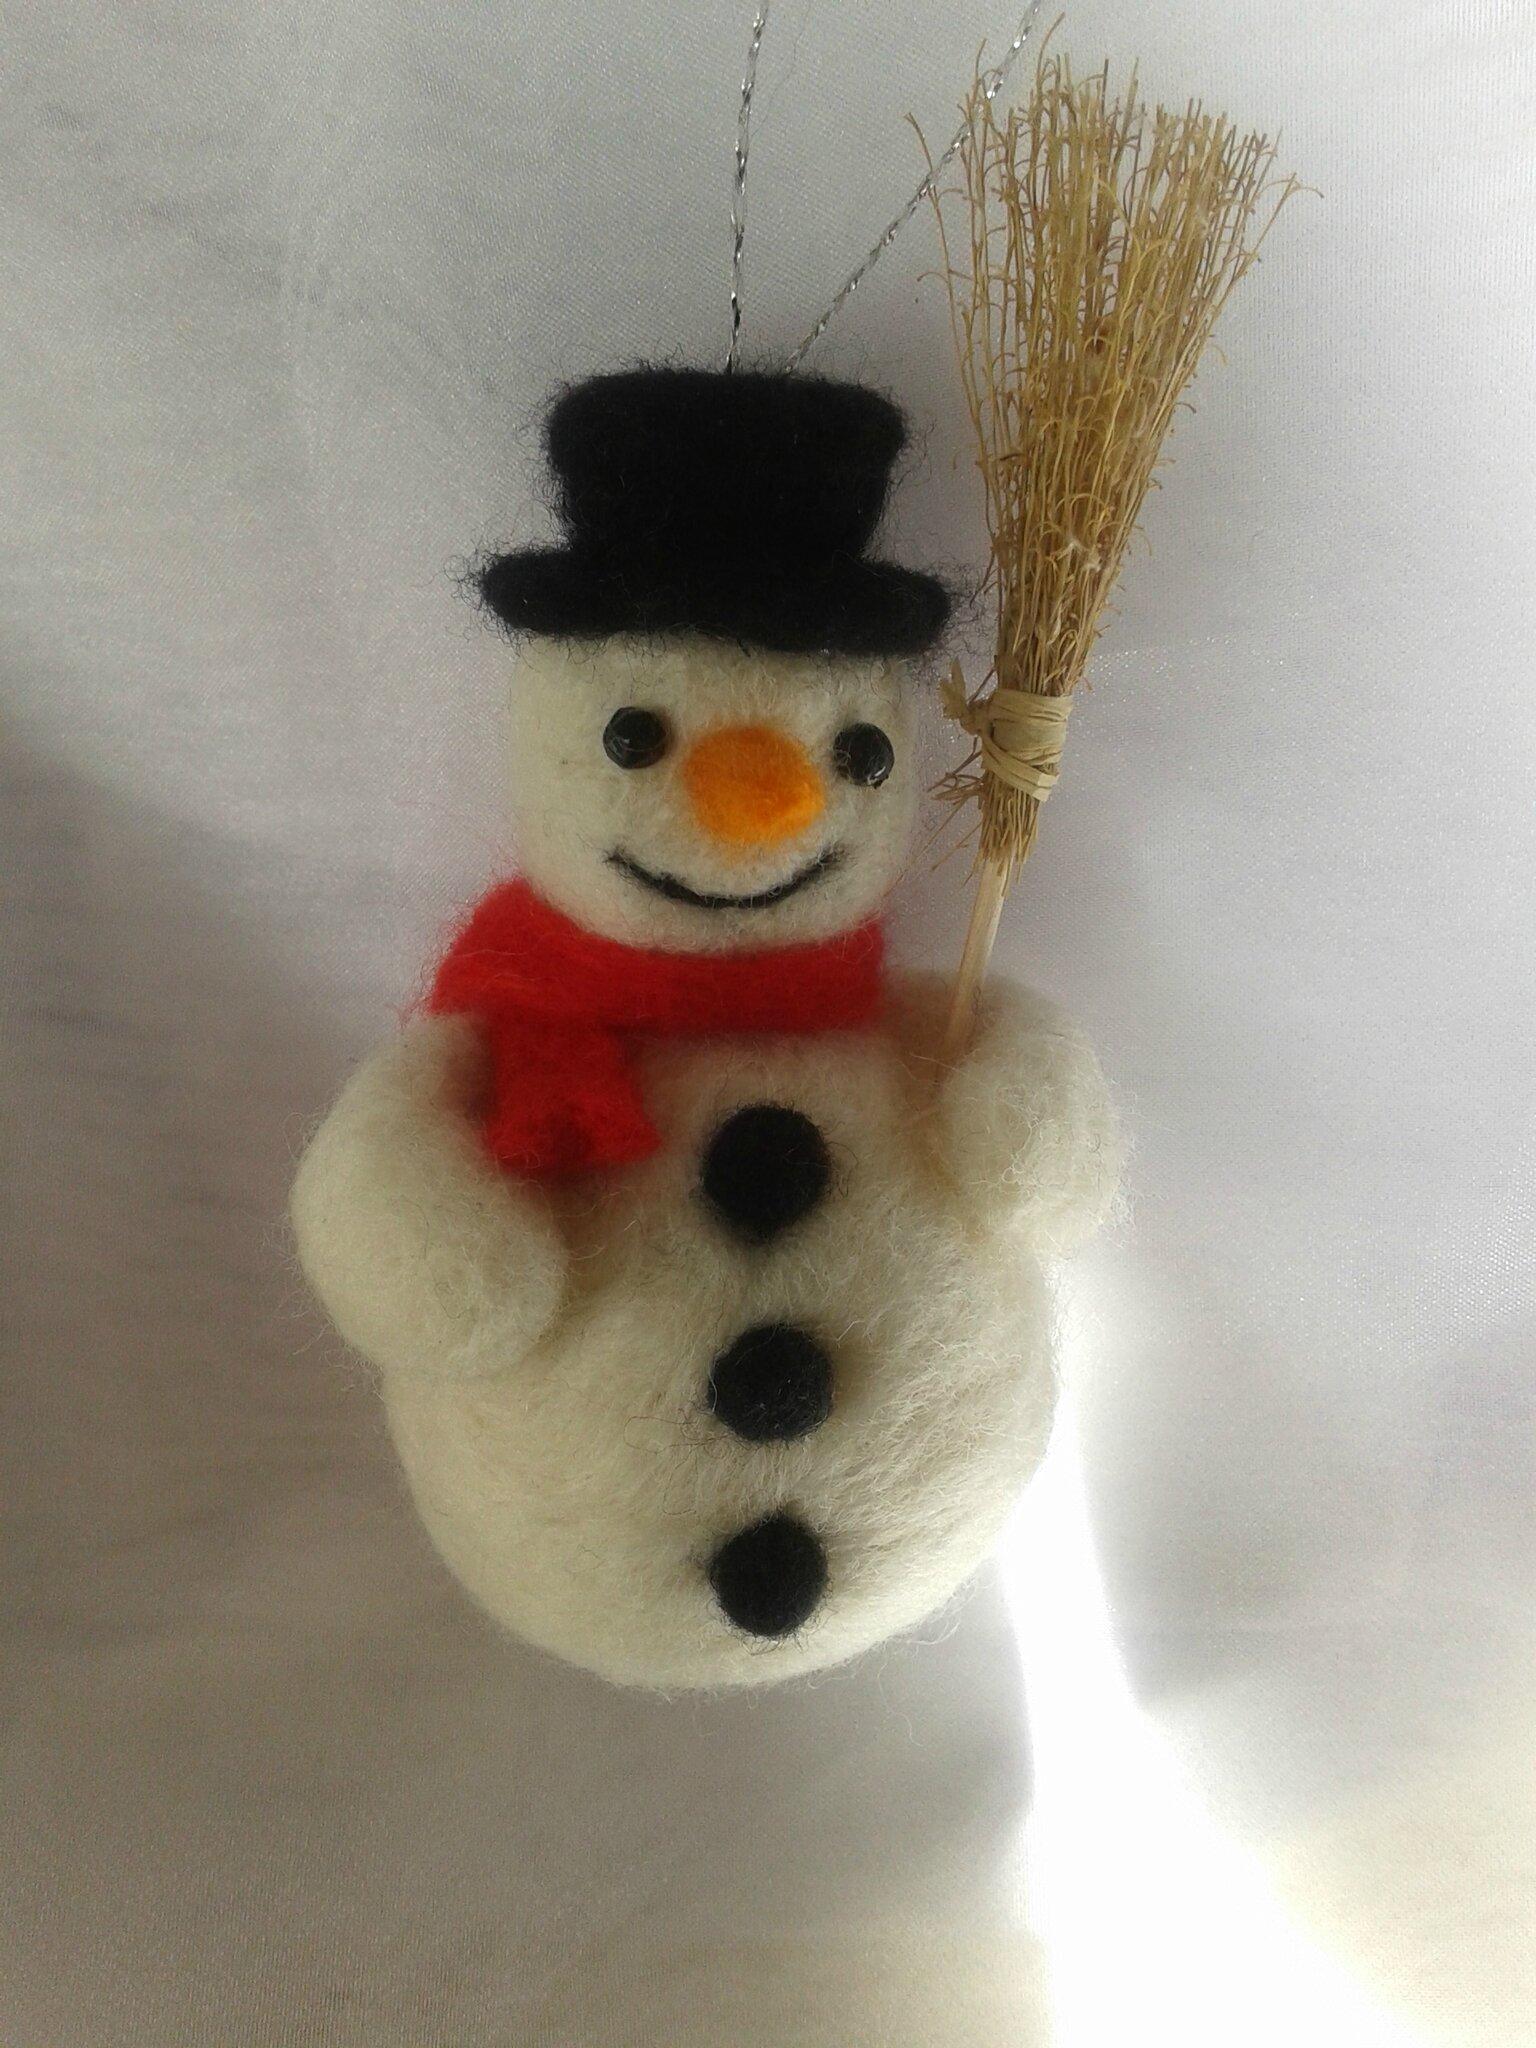 Tutoriel pour créer un bonhomme de neige